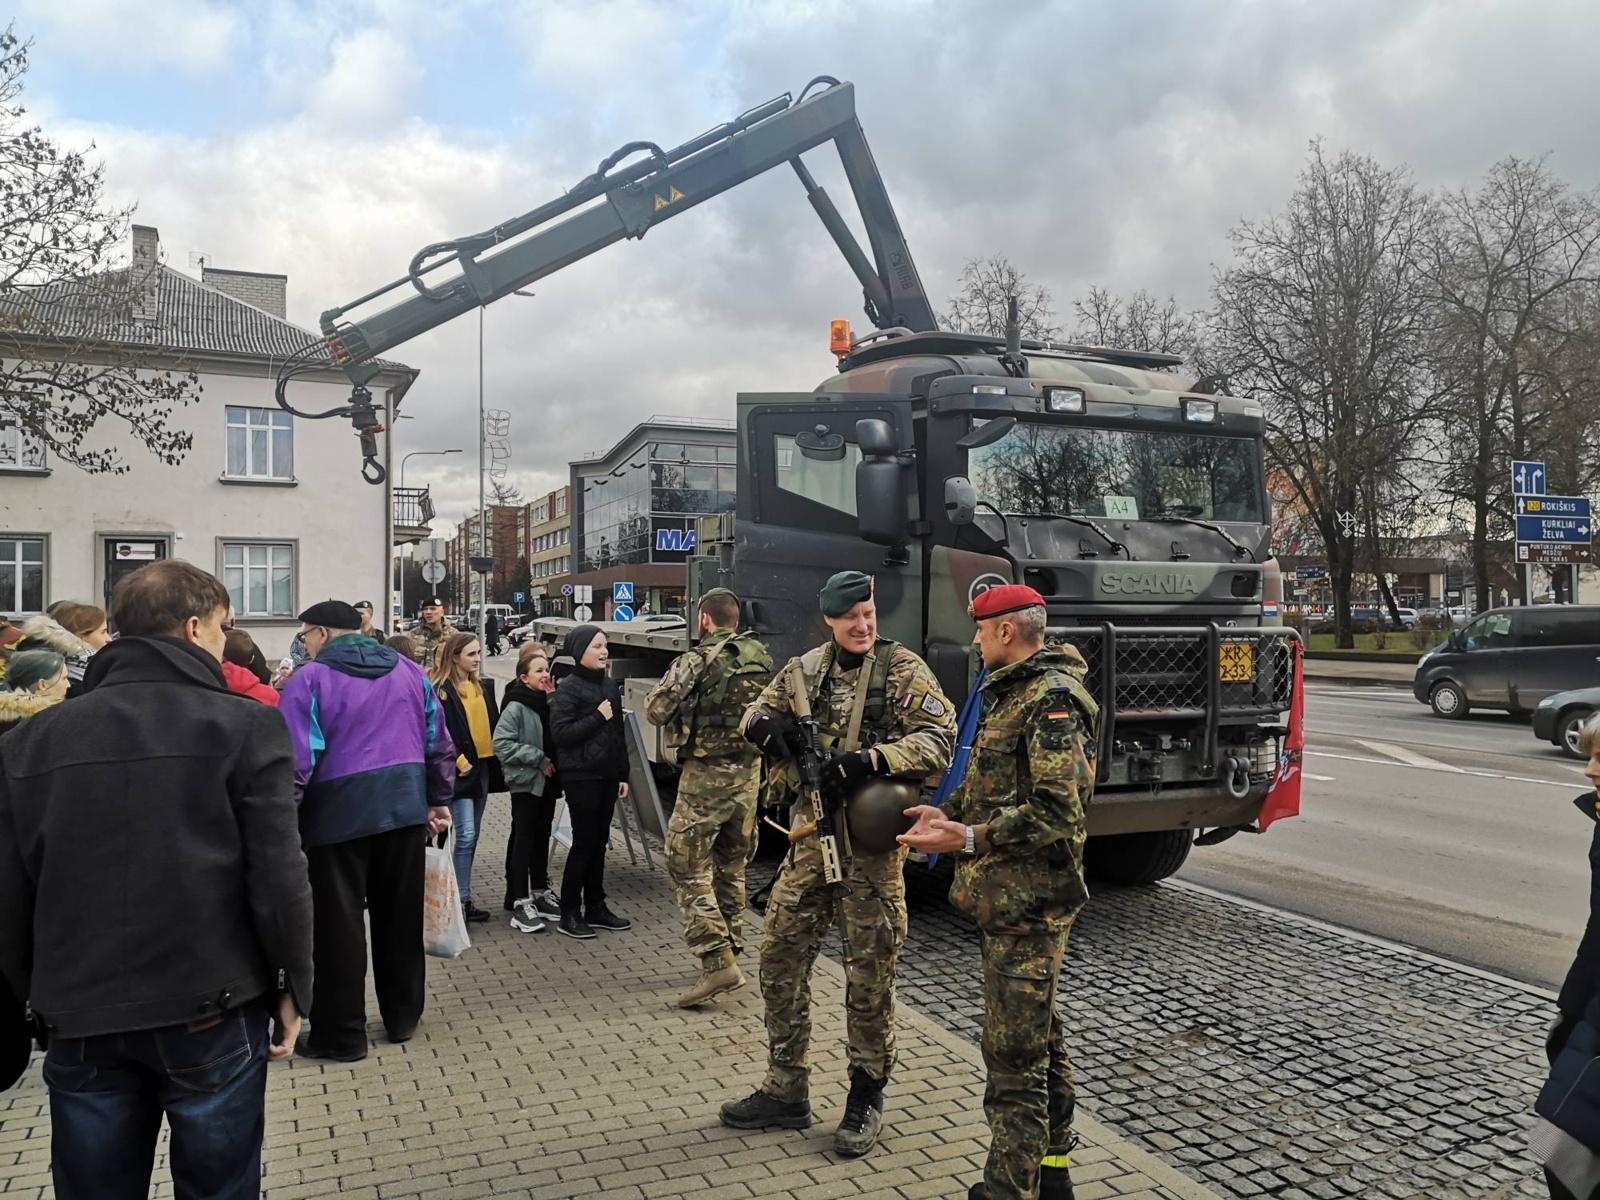 Anykščių gatvėse – NATO kariai